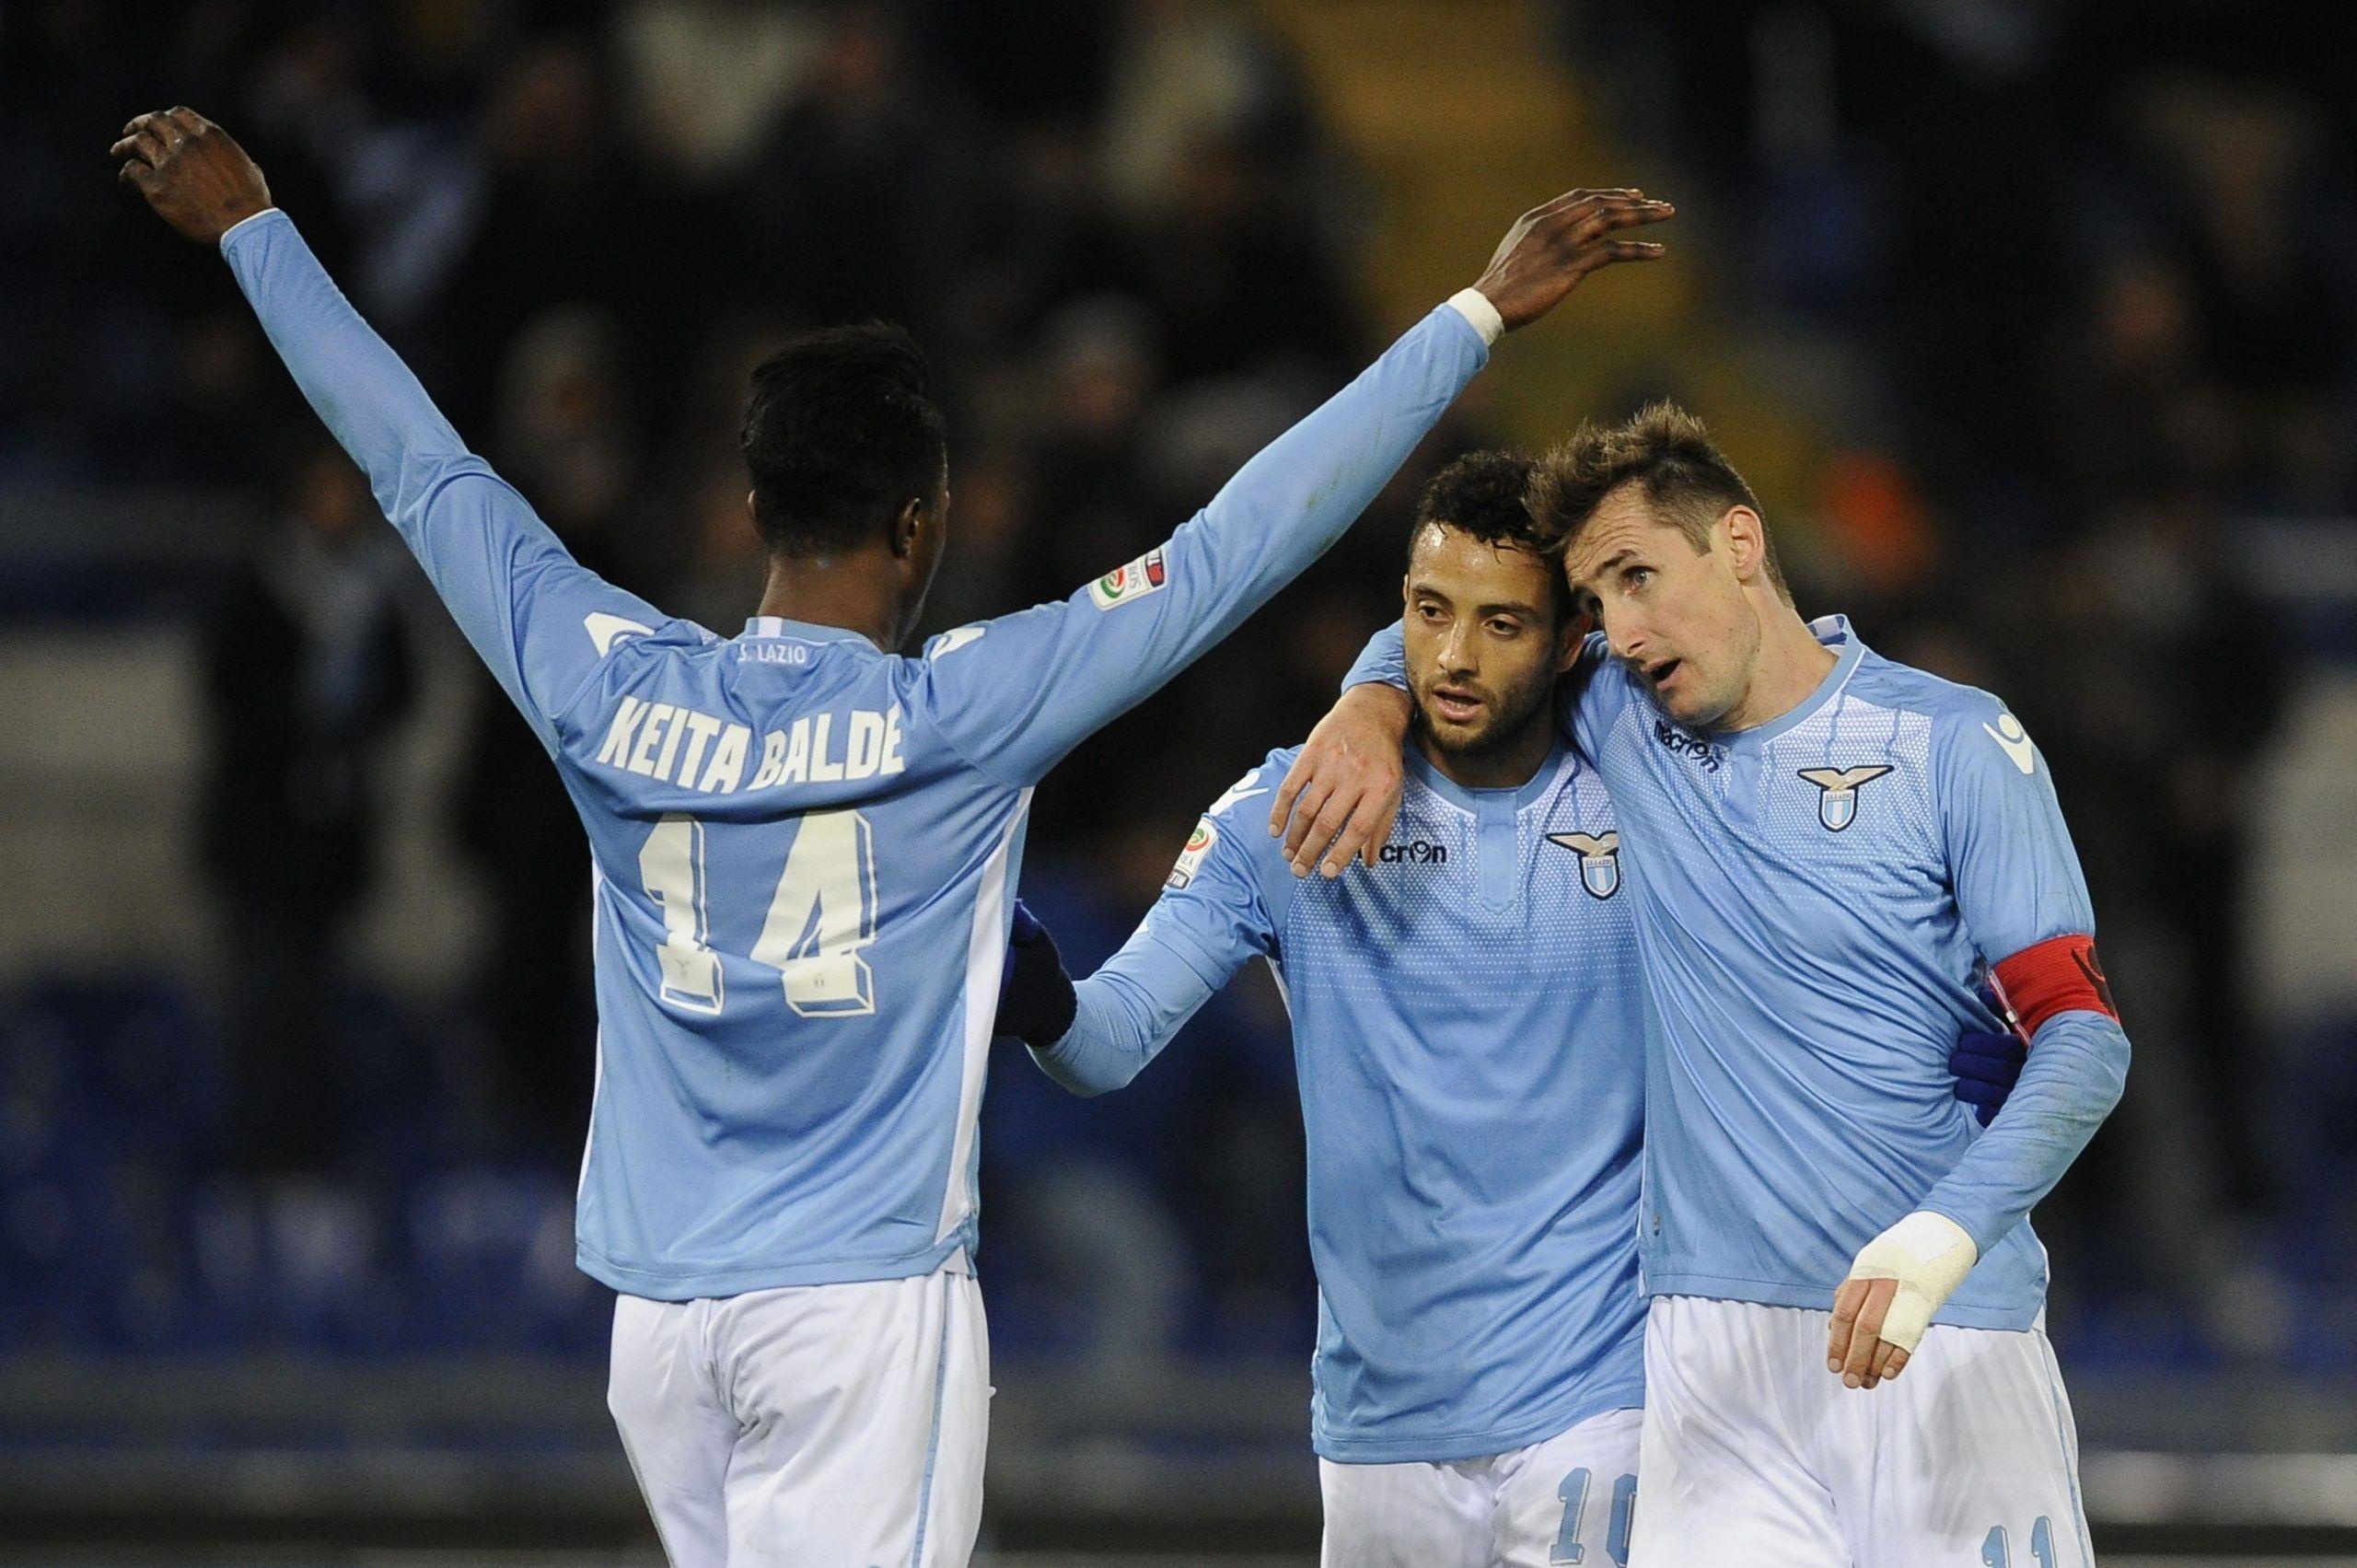 Abbonamenti Lazio, un totale fallimento: appena 11 tifosi hanno rinnovato la tessera